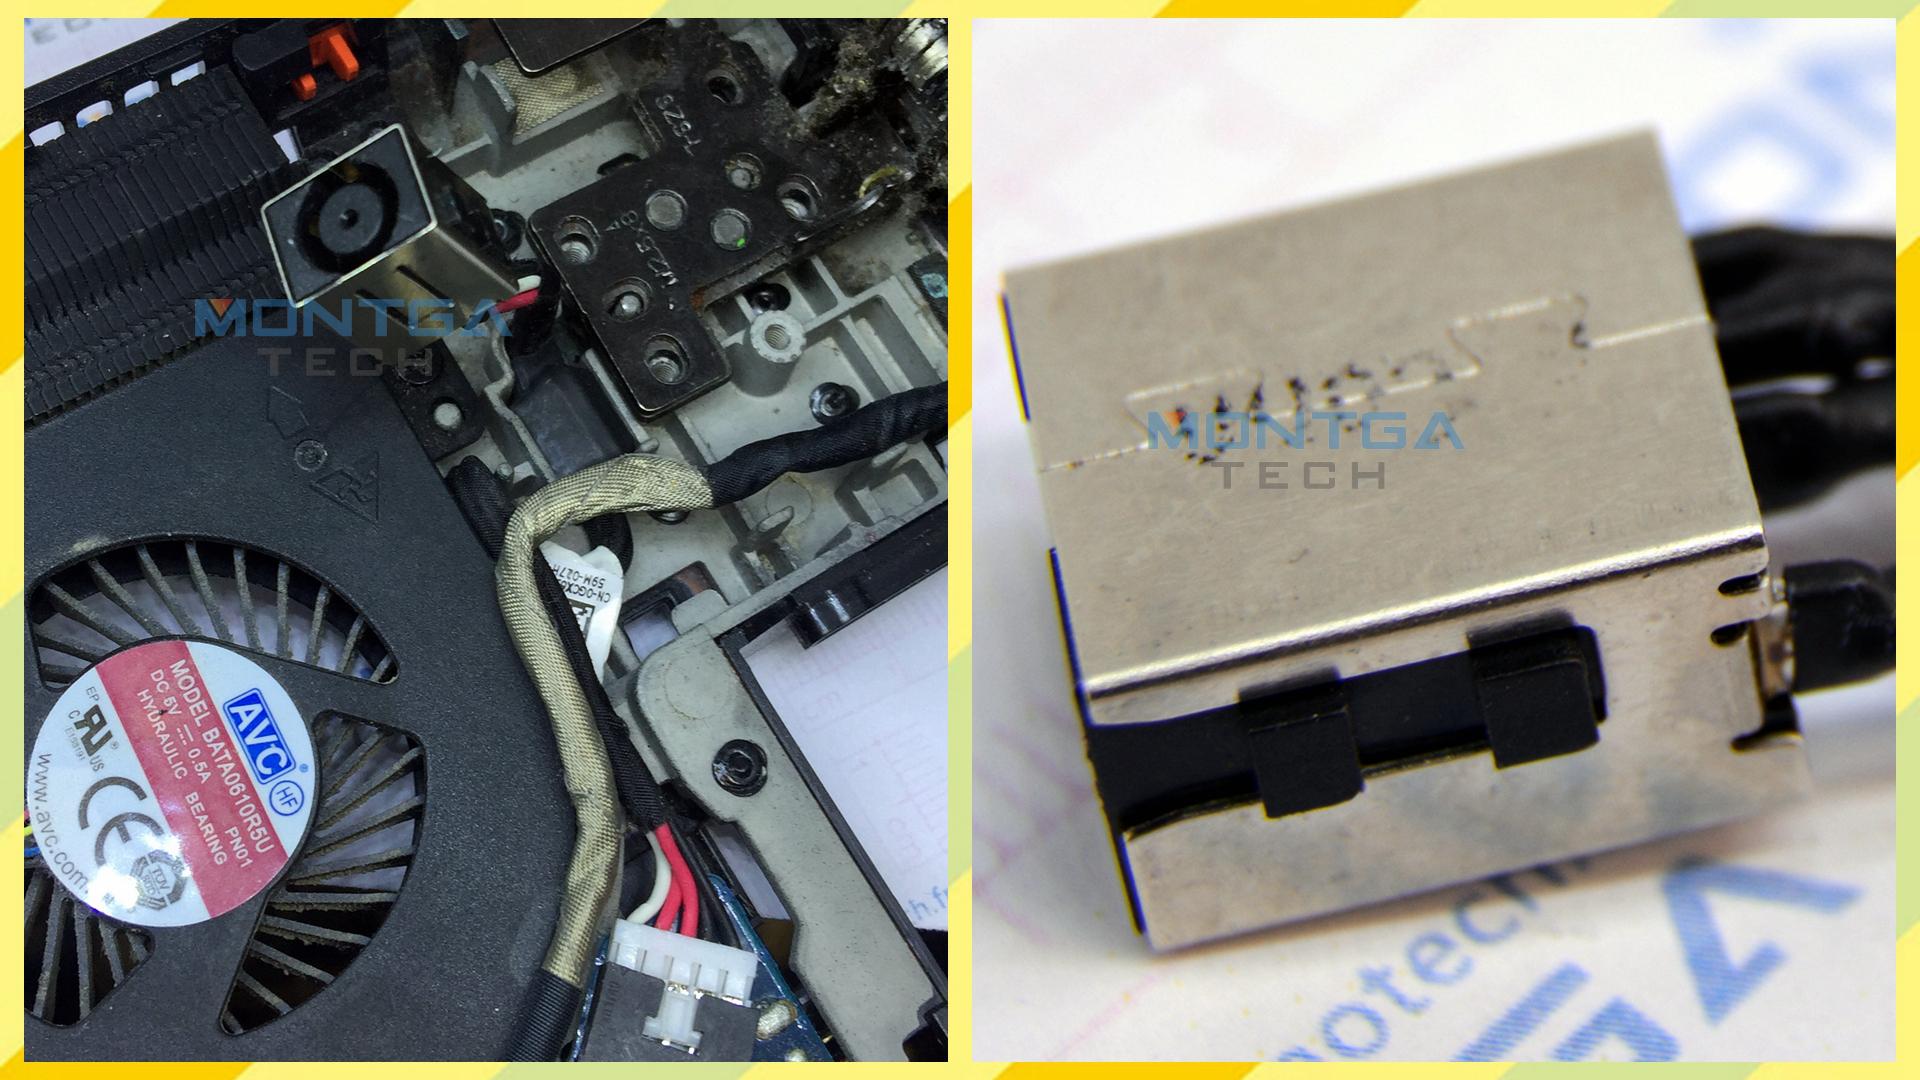 Réparation Prise Connecteur DELL Latitude E5440, Réparation DC Jack DELL Latitude E5440,Réparation Connecteur de charge DELL Latitude E5440,Réparation Connecteur alimentation DELL Latitude E5440